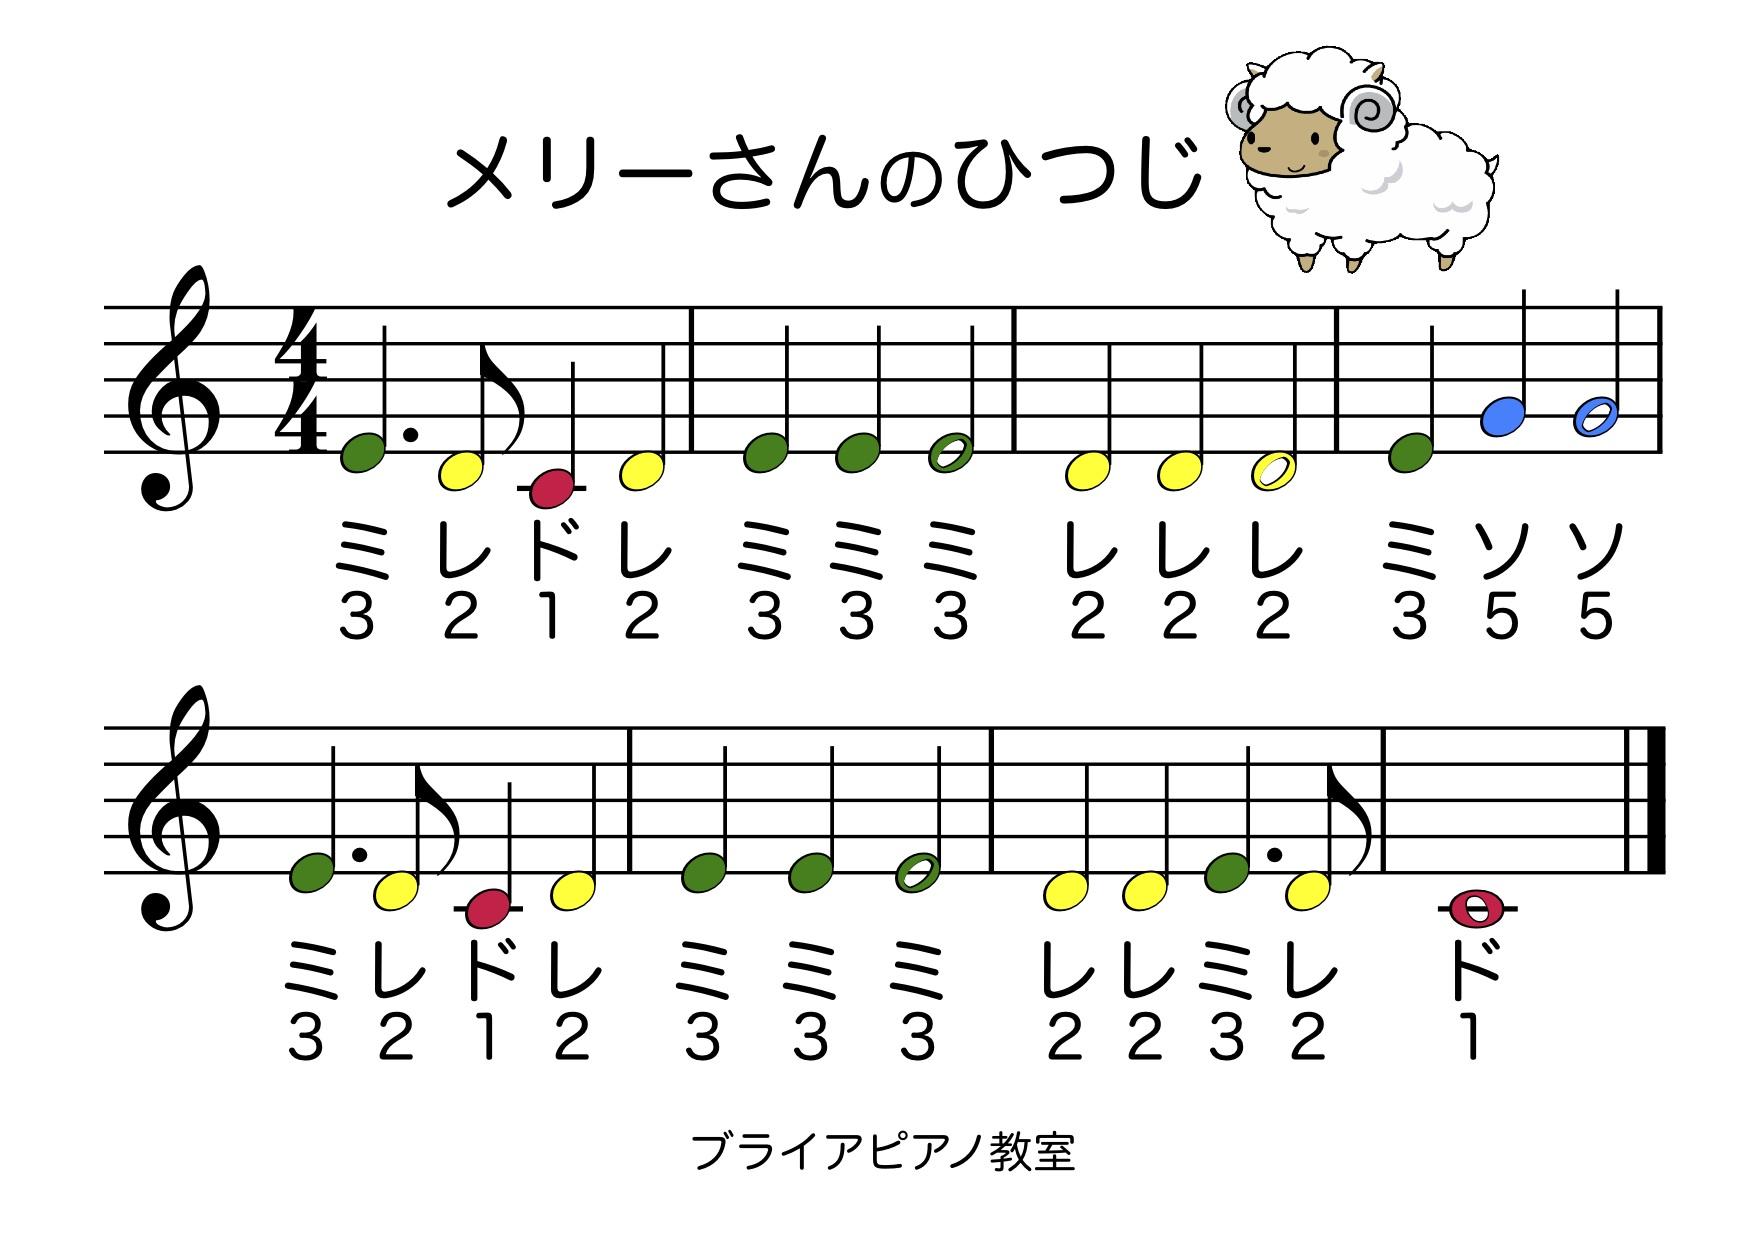 無料 お名前シール 無料 : ... ・記事・無料楽譜|MusicBrier